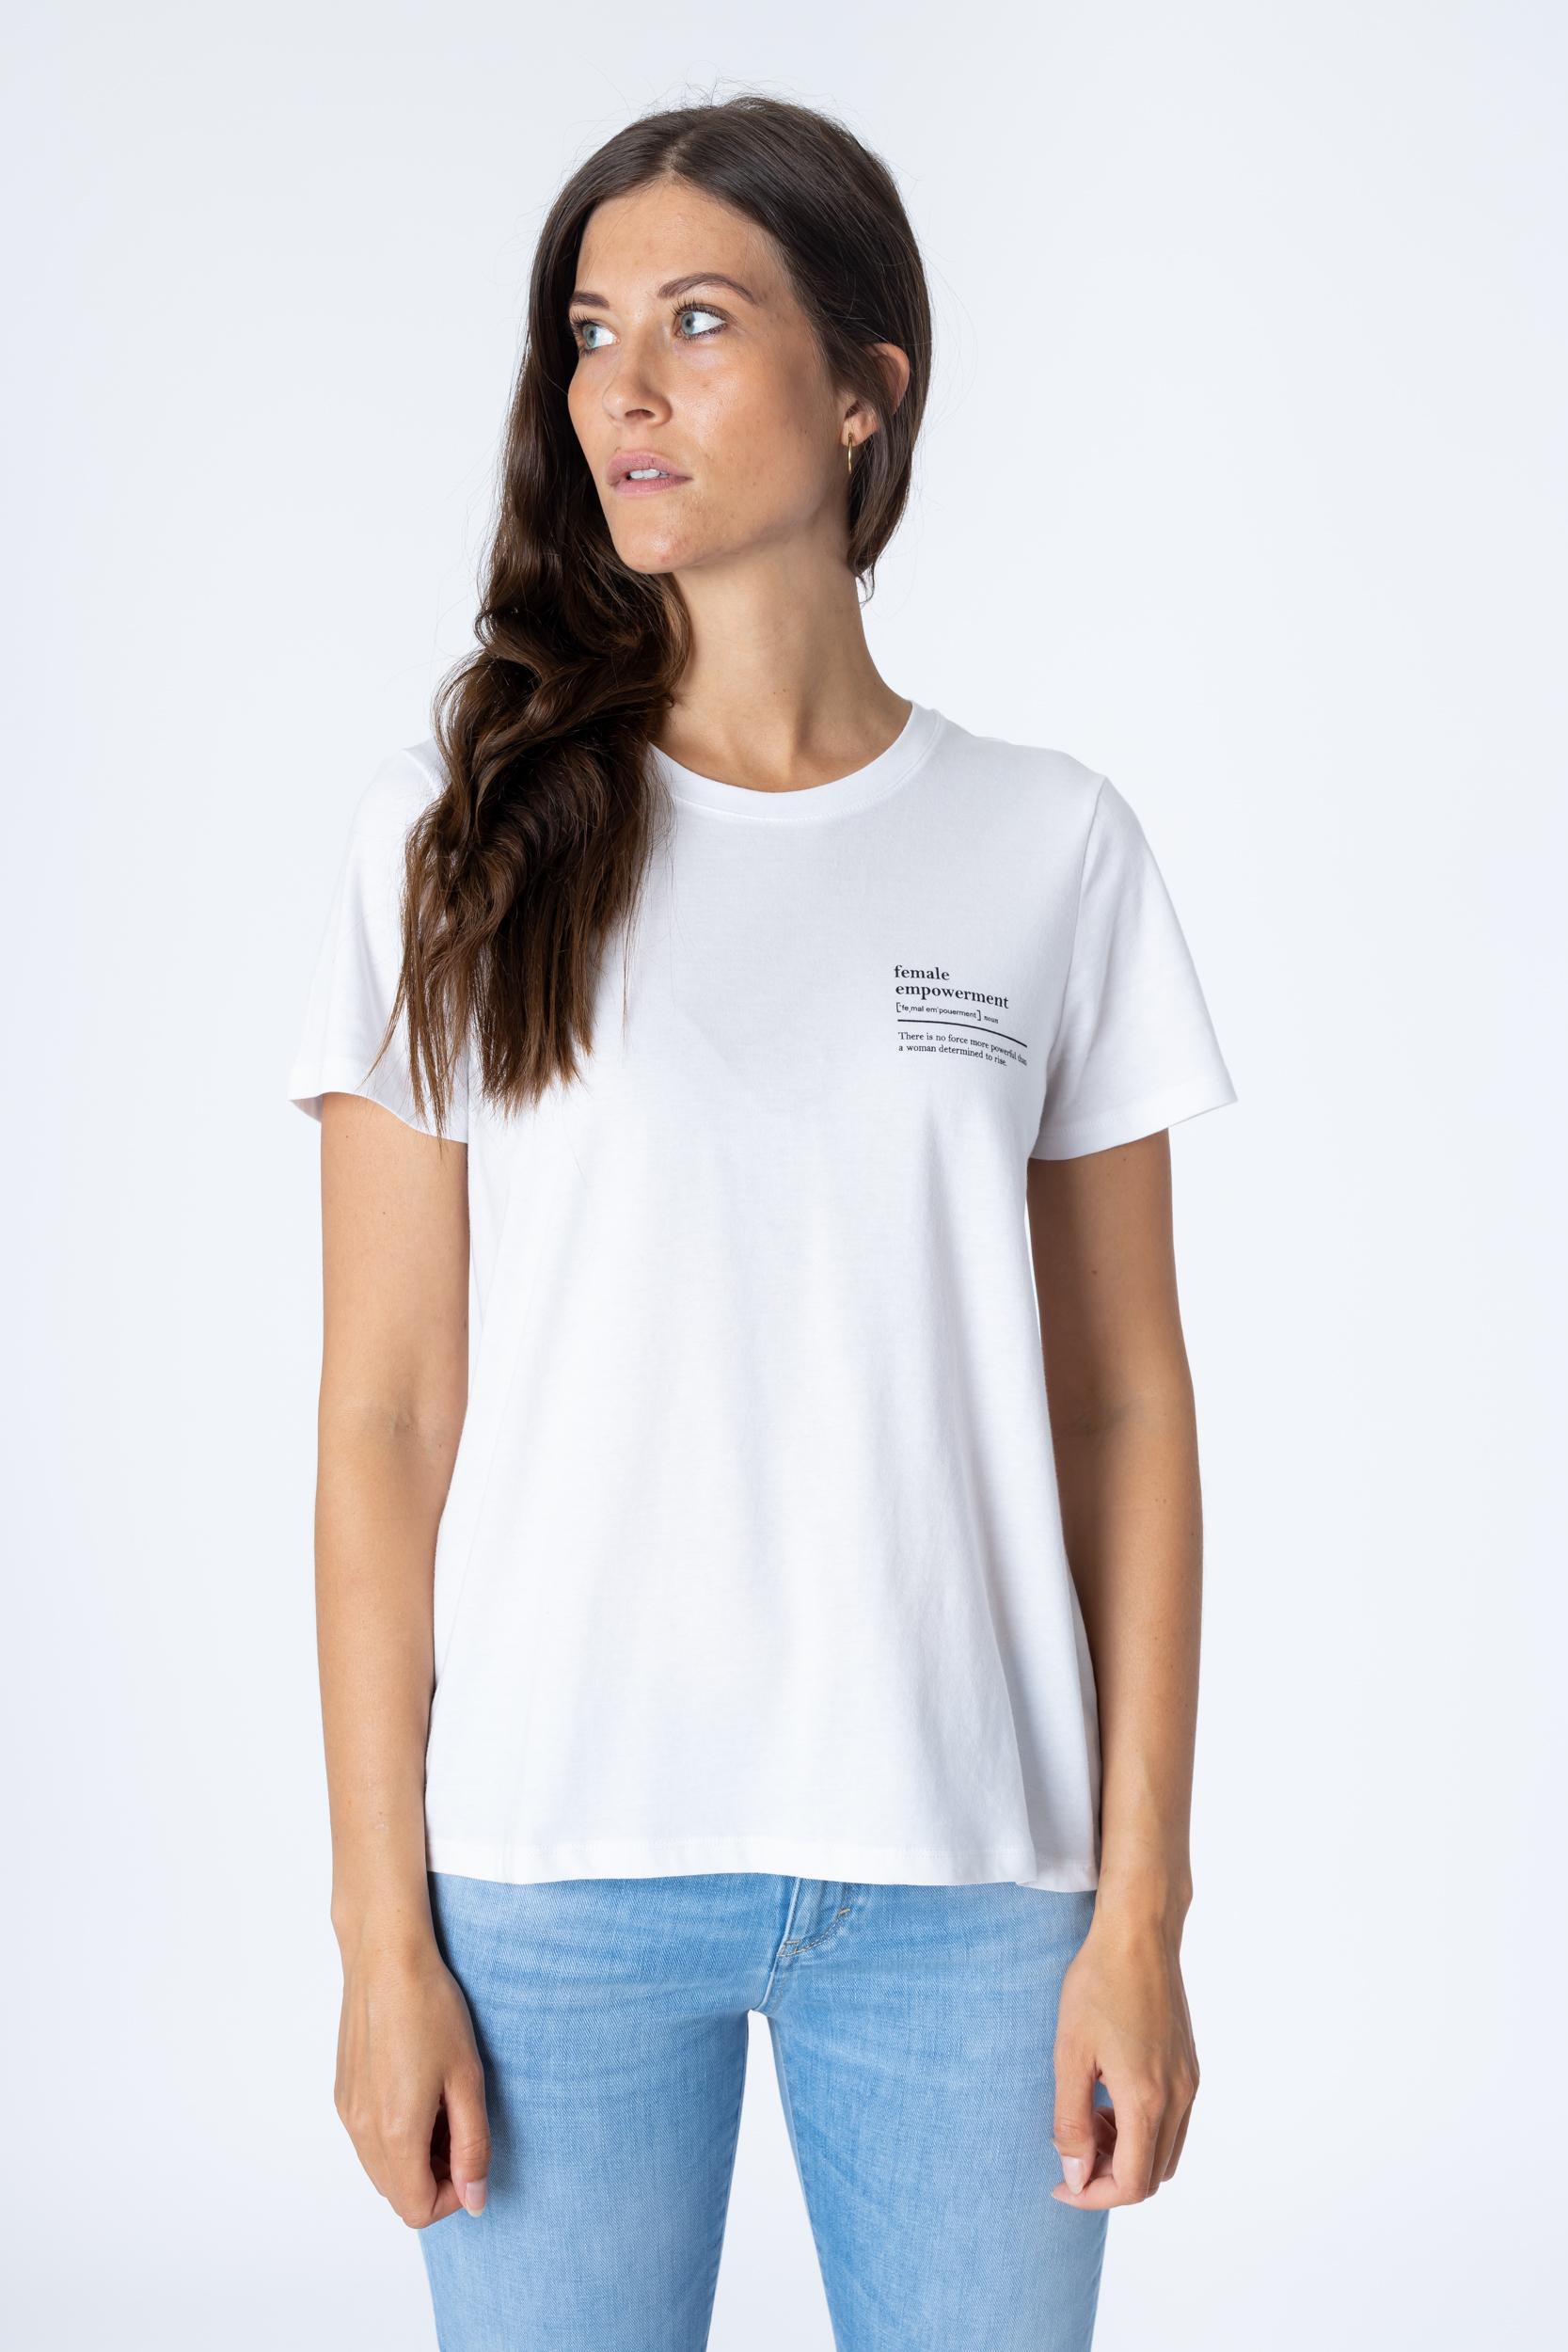 T-Shirt Female Empowerment